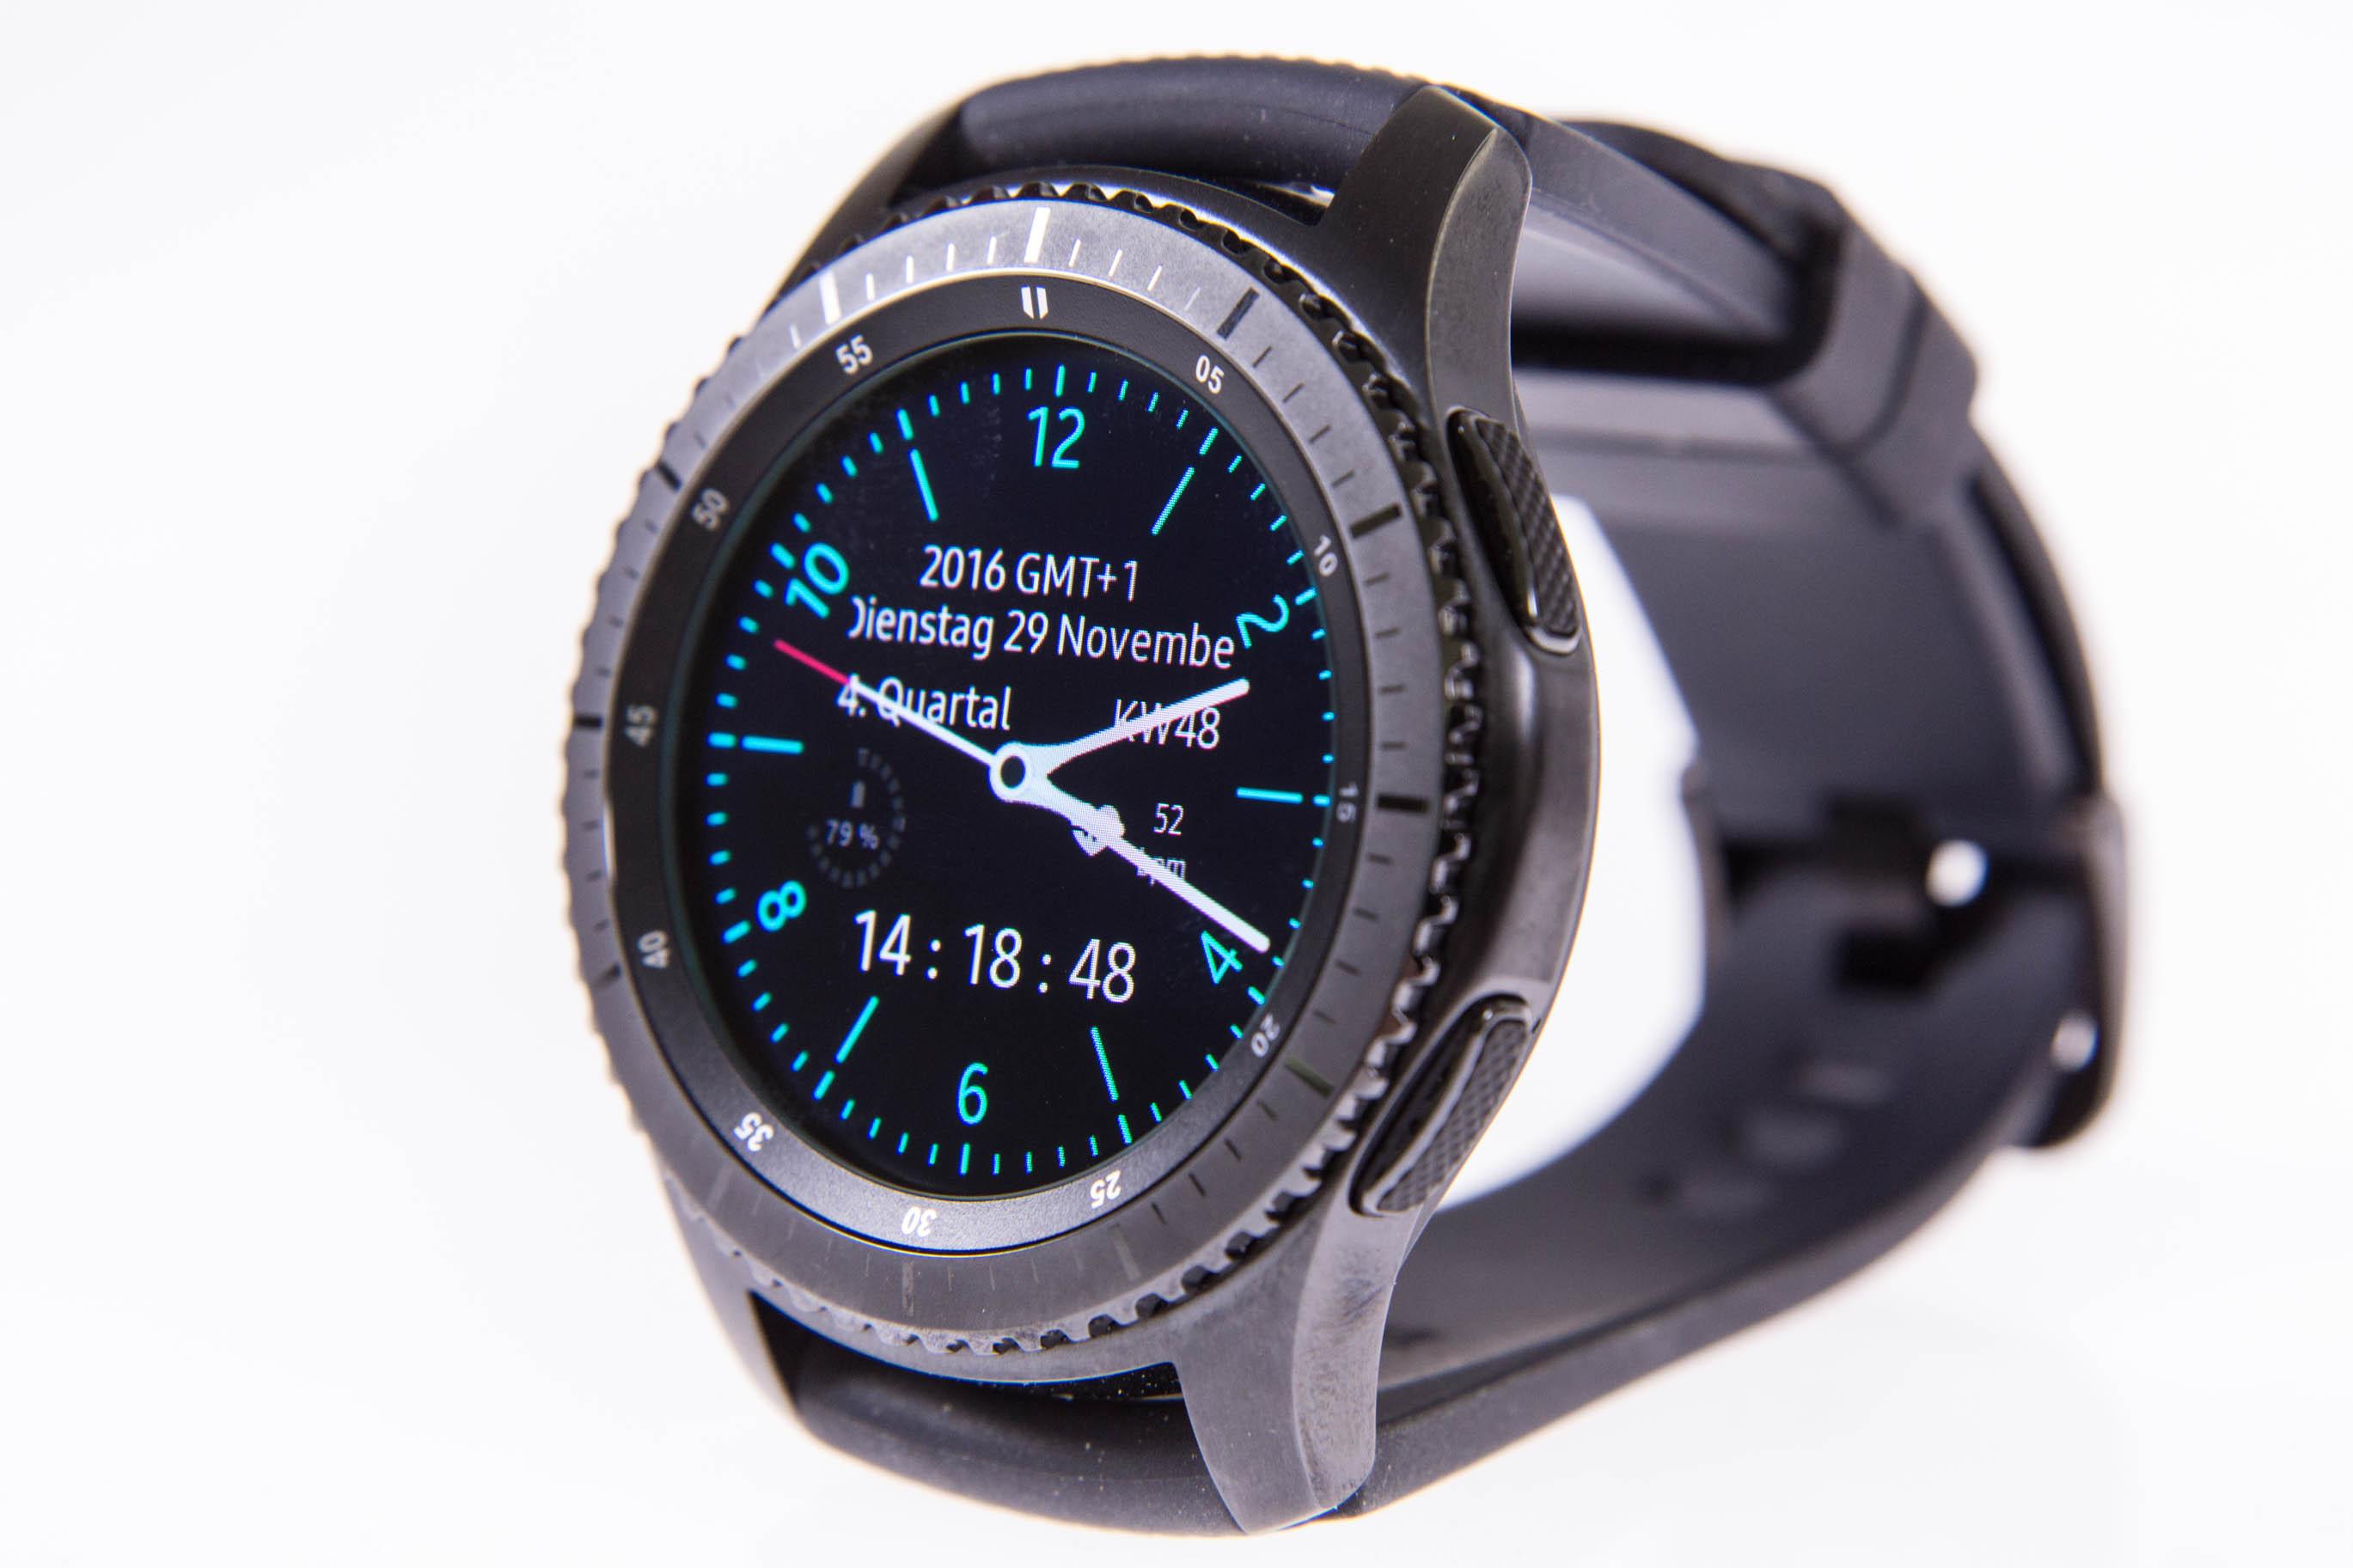 Gear S3 im Test: Großes Display, großer Akku, große Uhr - Die neue Gear S3 von Samsung (Bild: Martin Wolf/Golem.de)